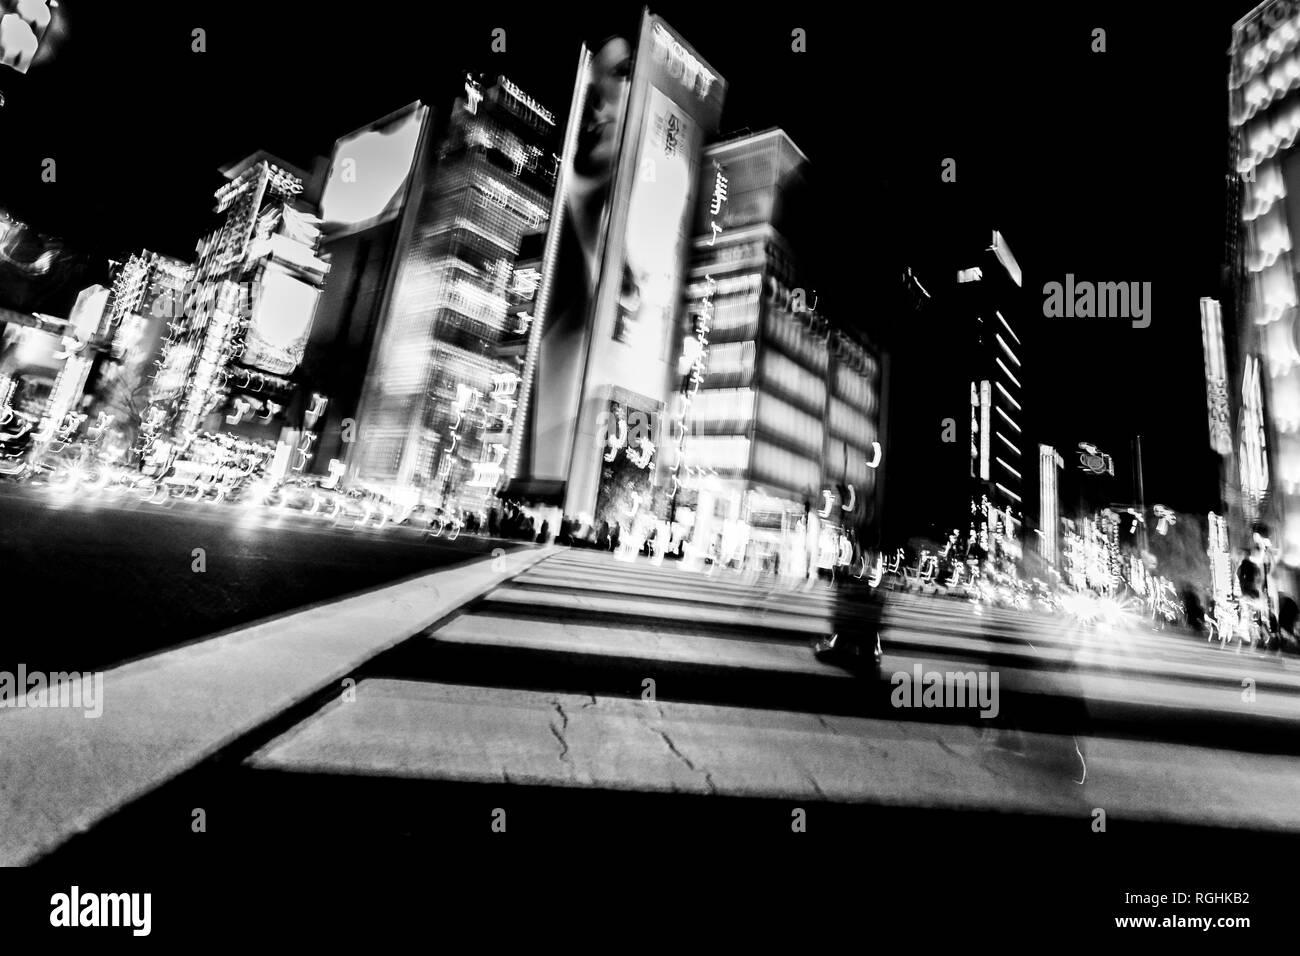 Les piétons traverser la rue au cœur de Ginza à Tokyo. Passage à Ginza la nuit. Blurred motion, image en noir et blanc. Banque D'Images